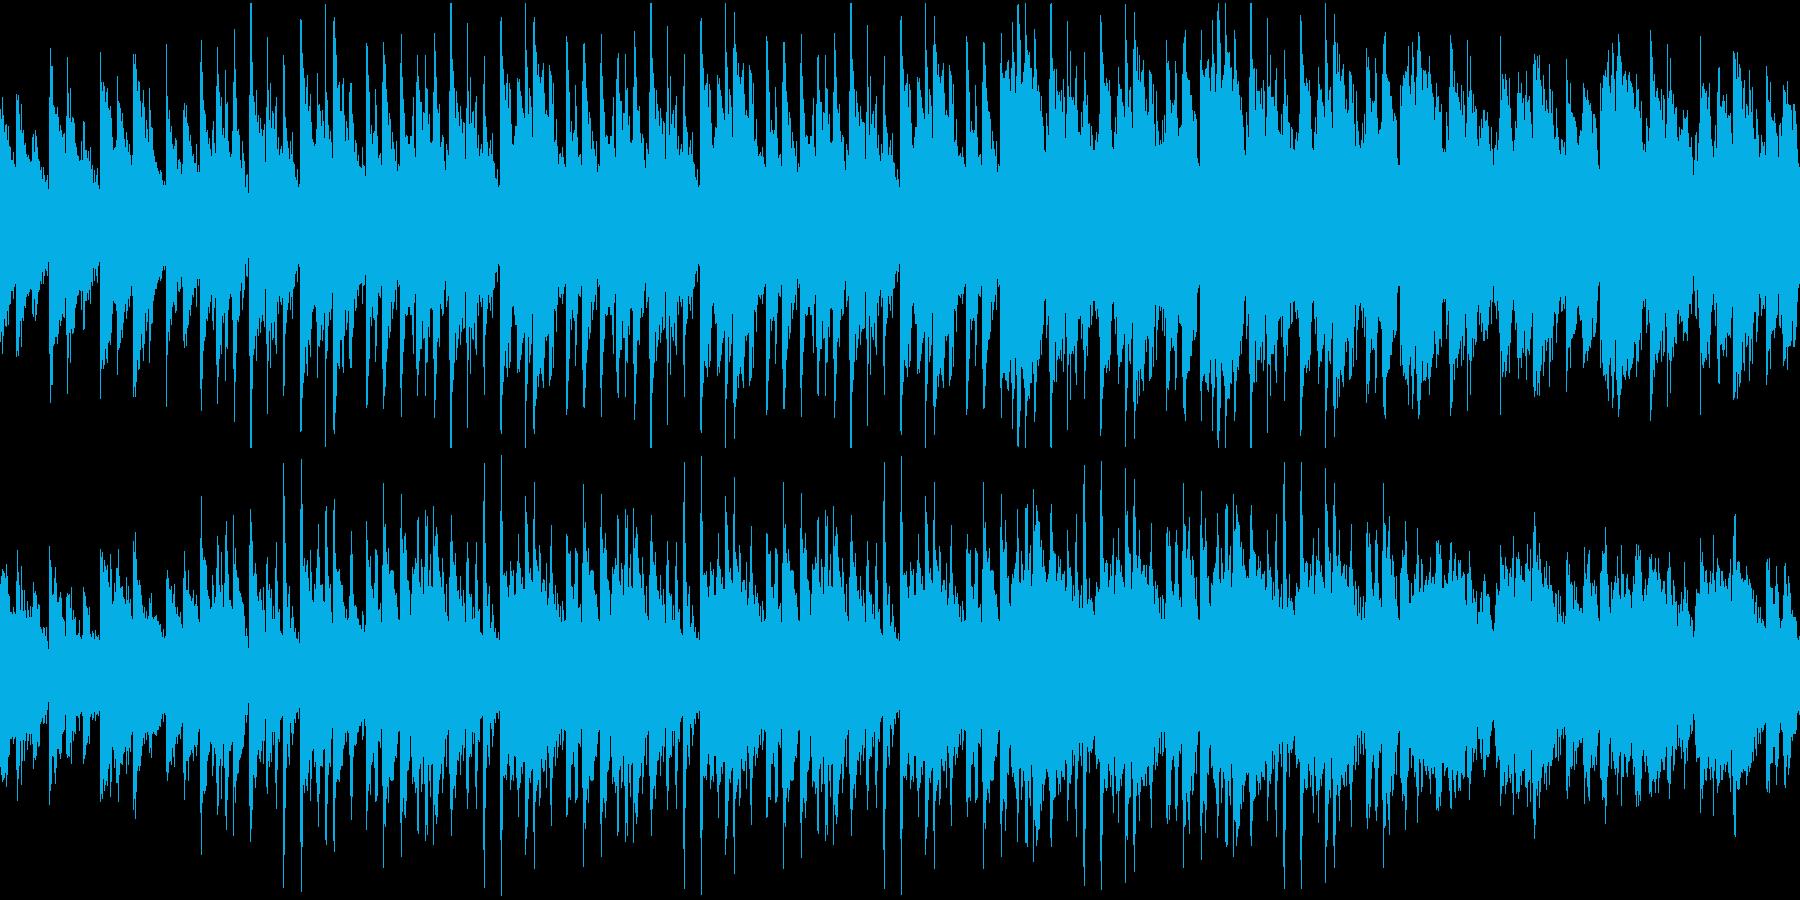 三拍子のミステリー風怪しいBGMの再生済みの波形